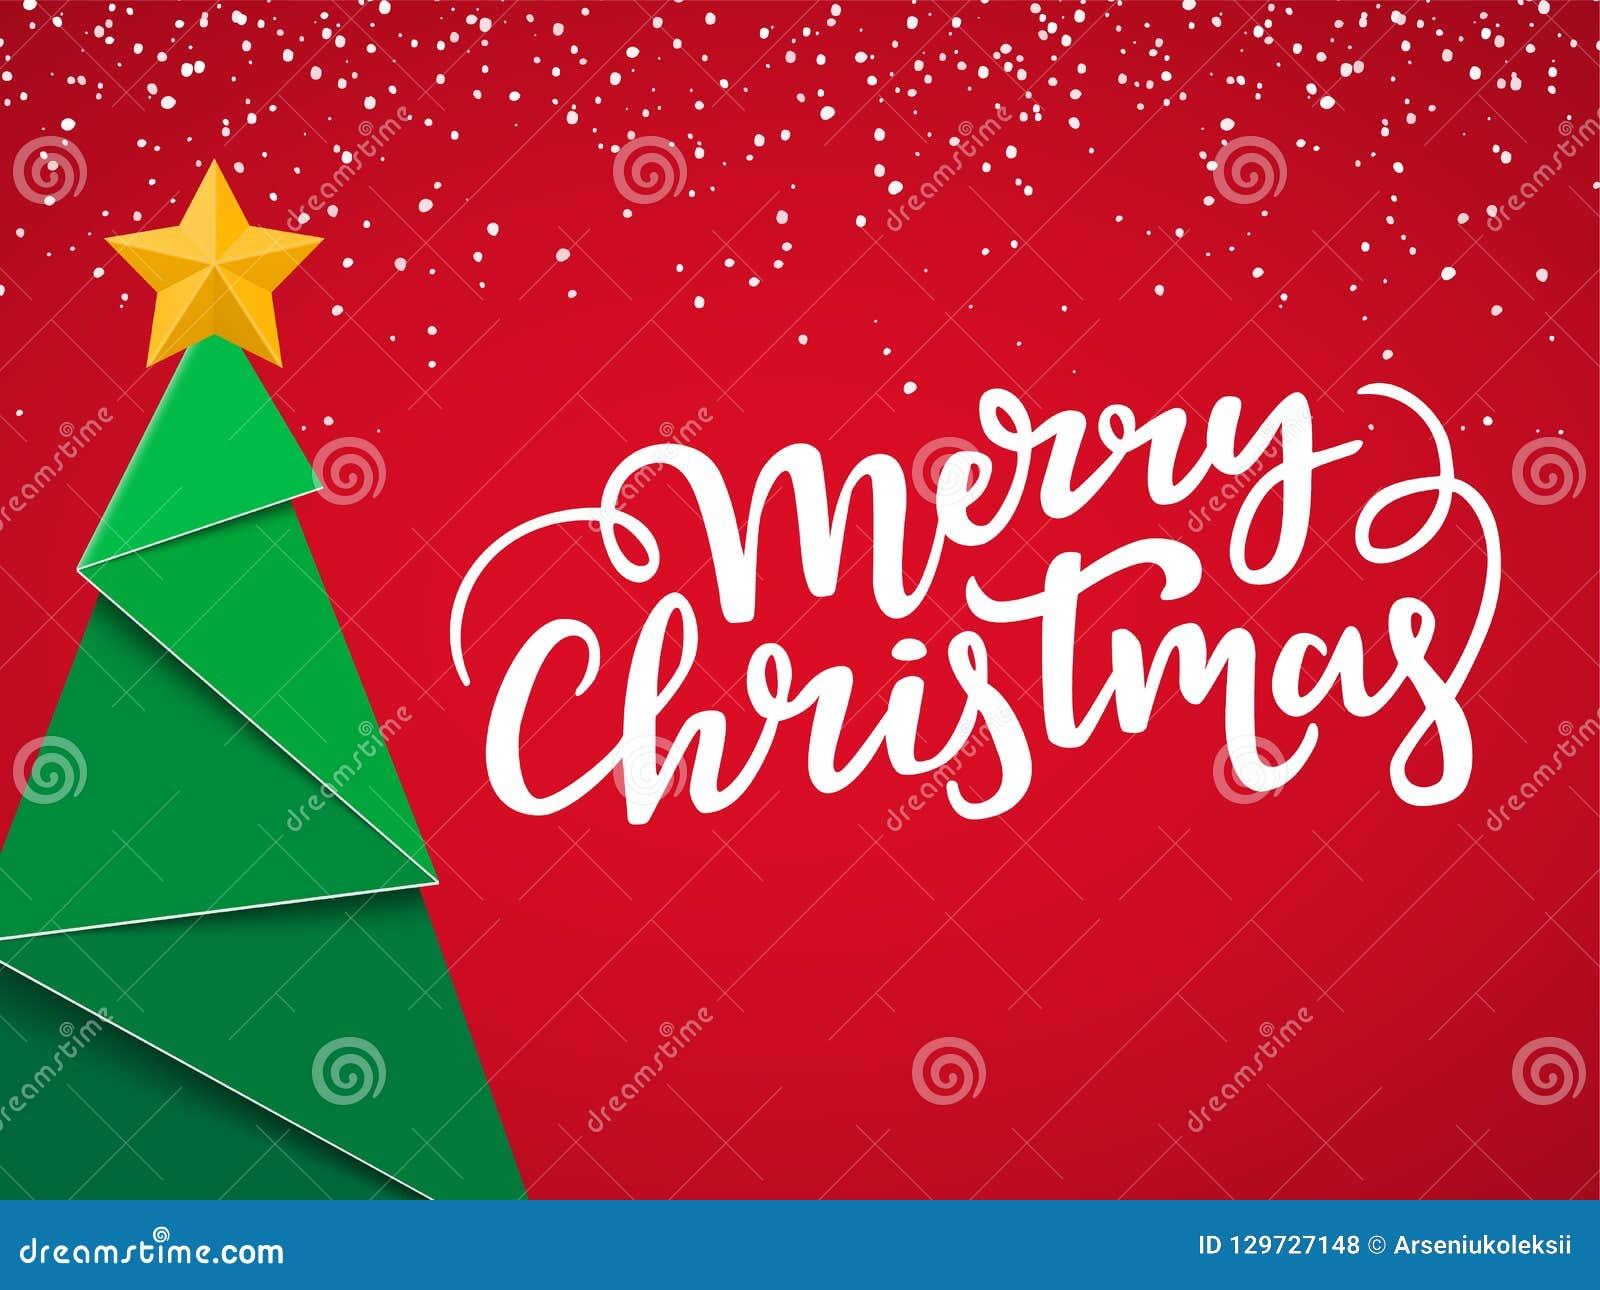 Festliche typografische Weihnachtspostkarte Weihnachtskartenentwurf mit neuem nahem Baum, Goldstern, Beschriftung und Schnee auf